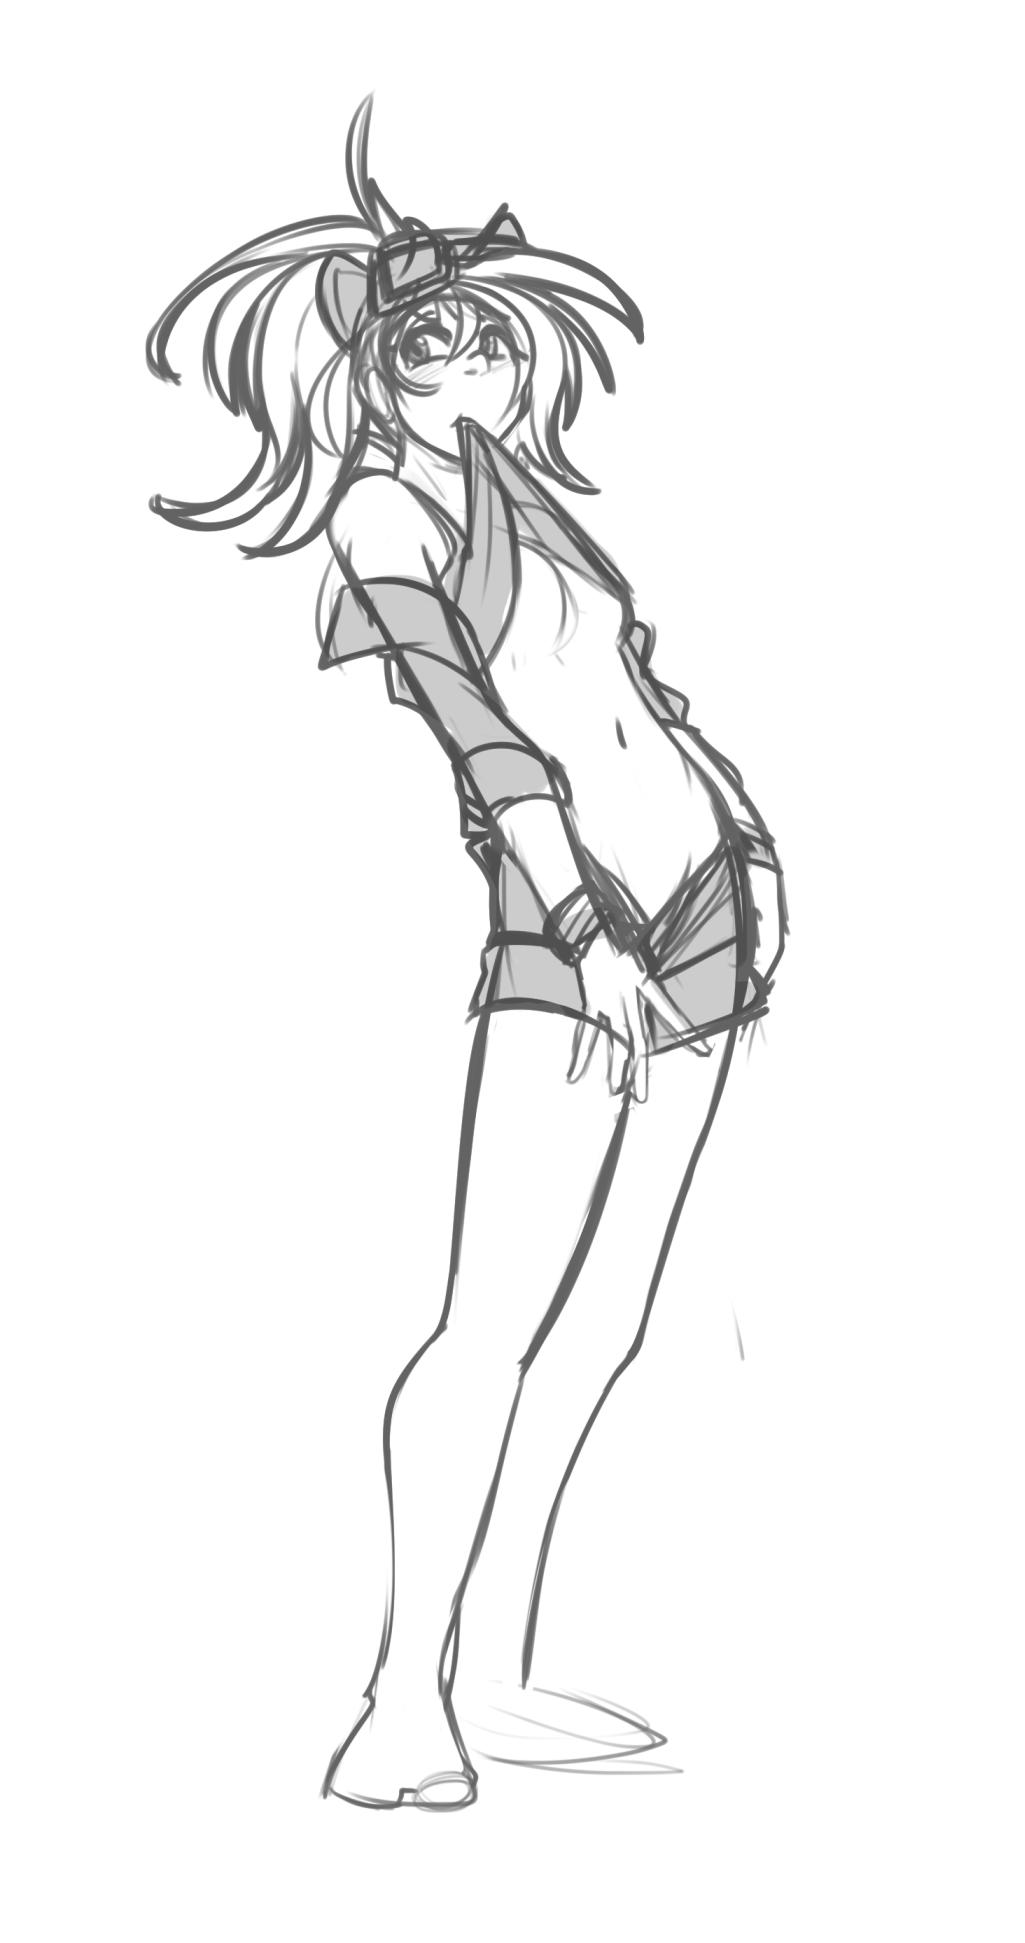 RD Sketch